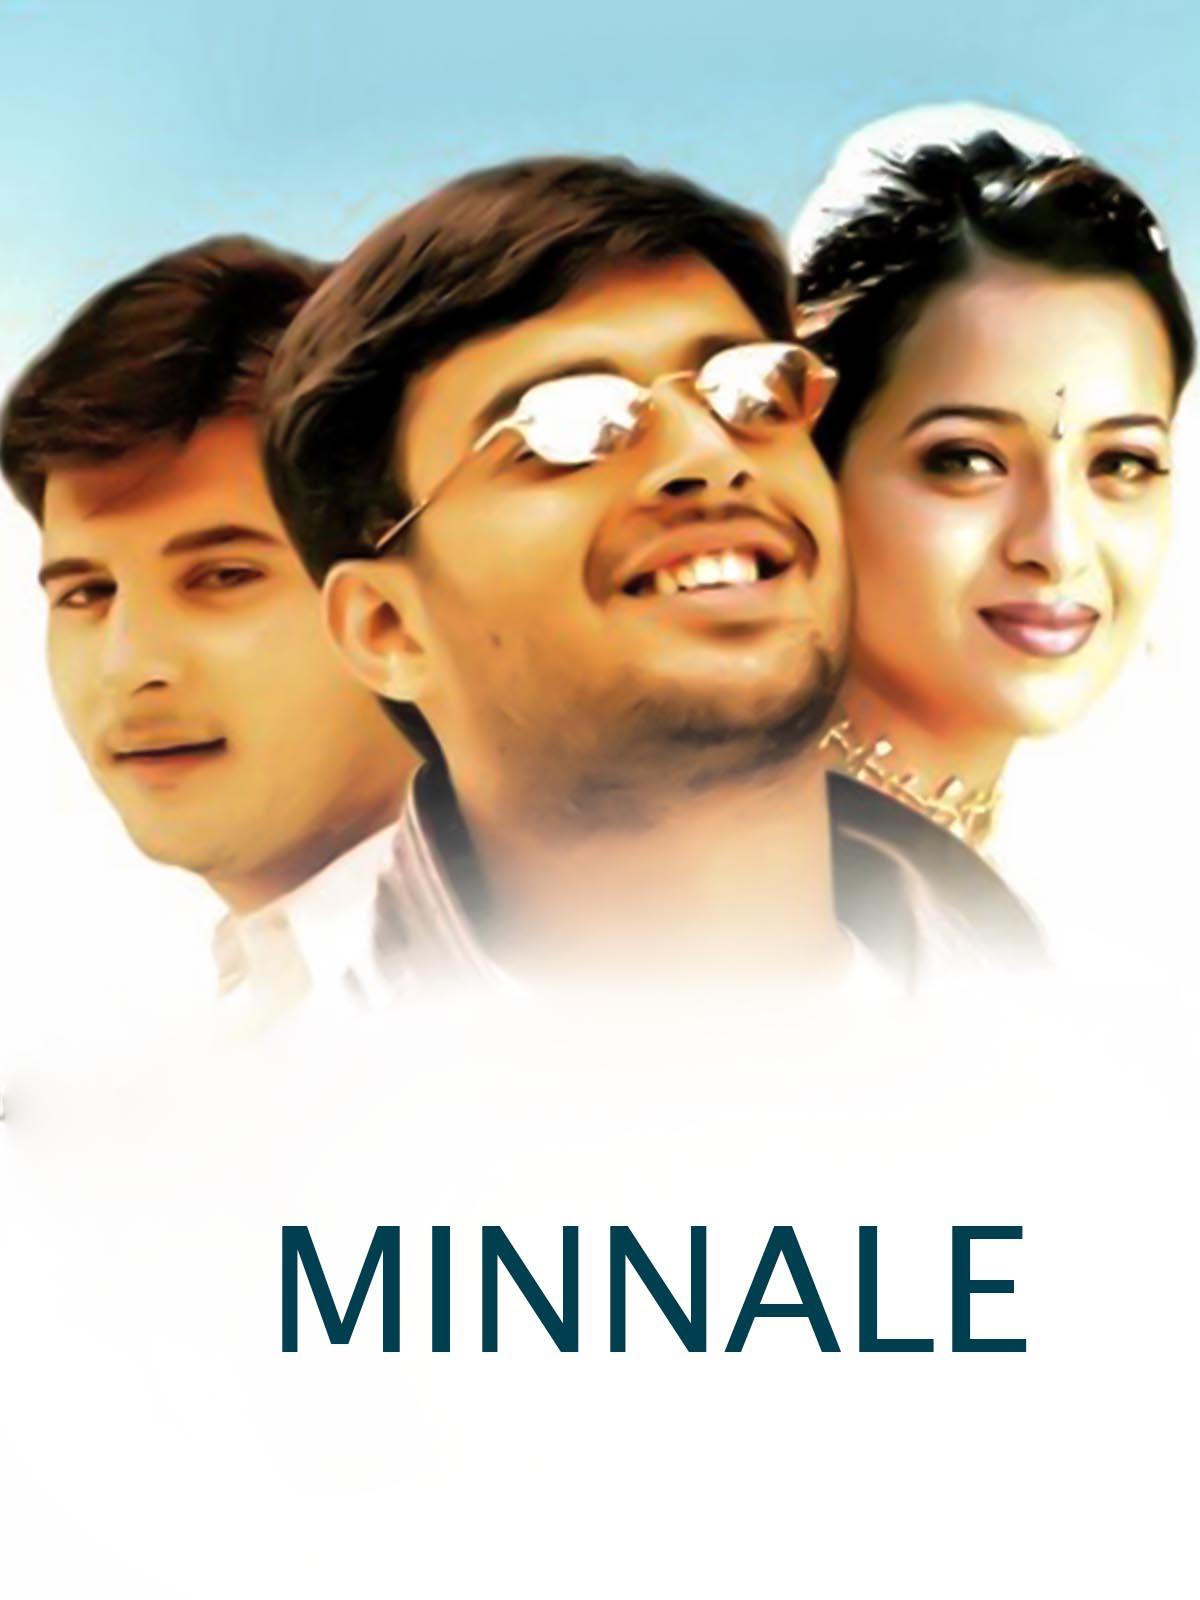 Minnale (2001) Movie Poster